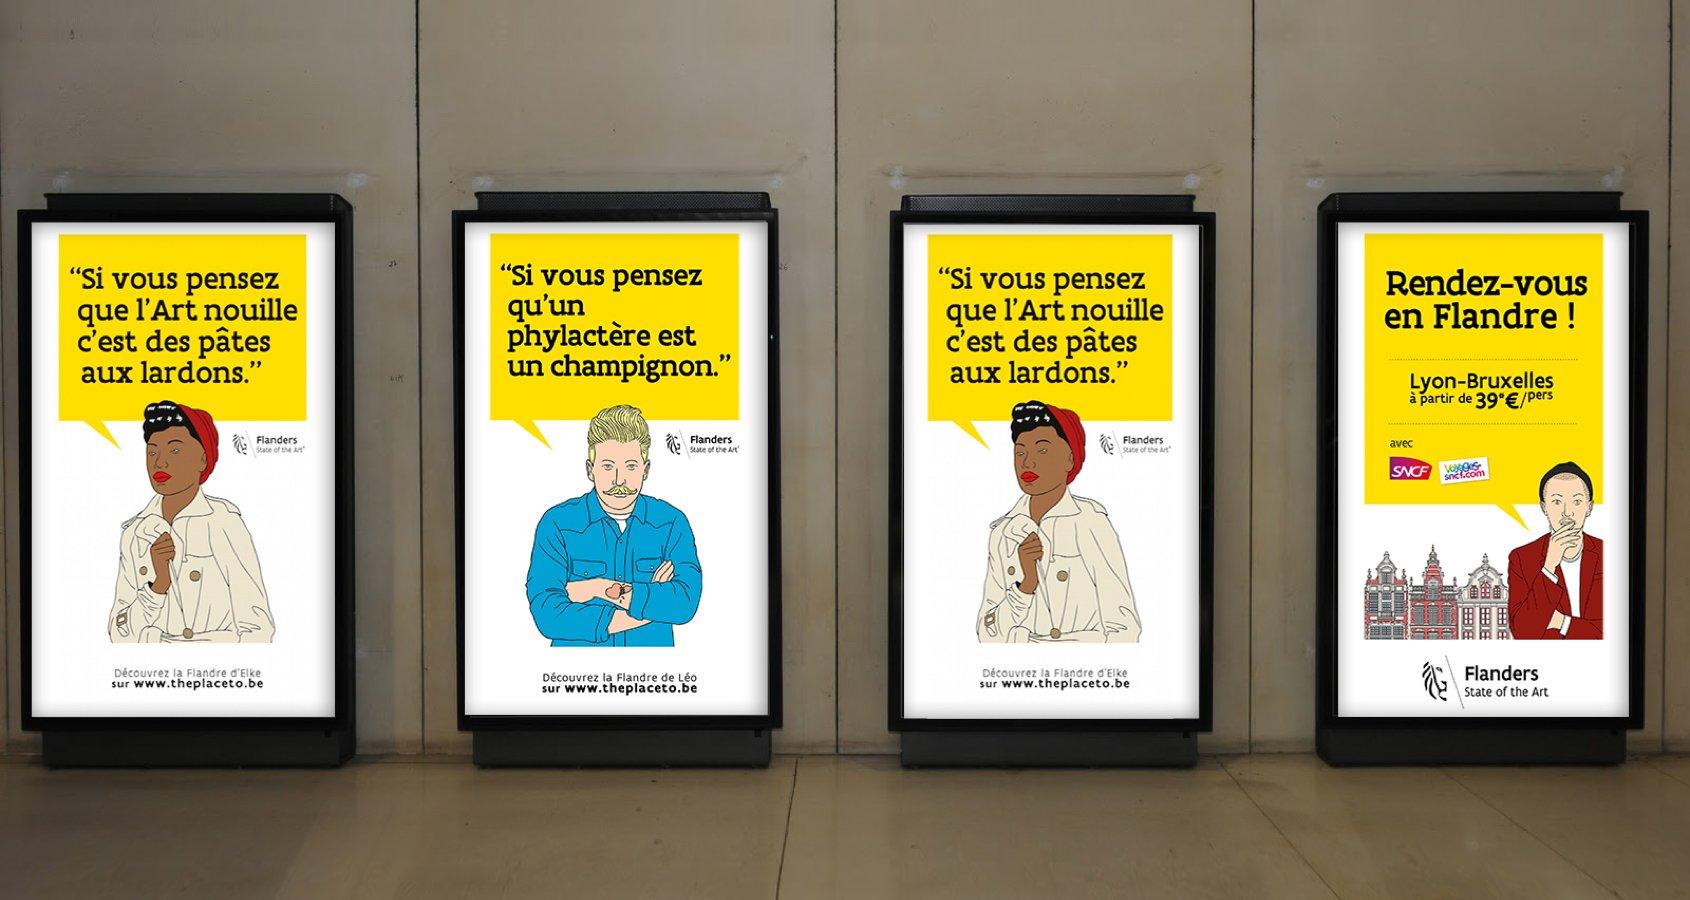 Campagne 4 Flamands Flandre affichage digital Notchup